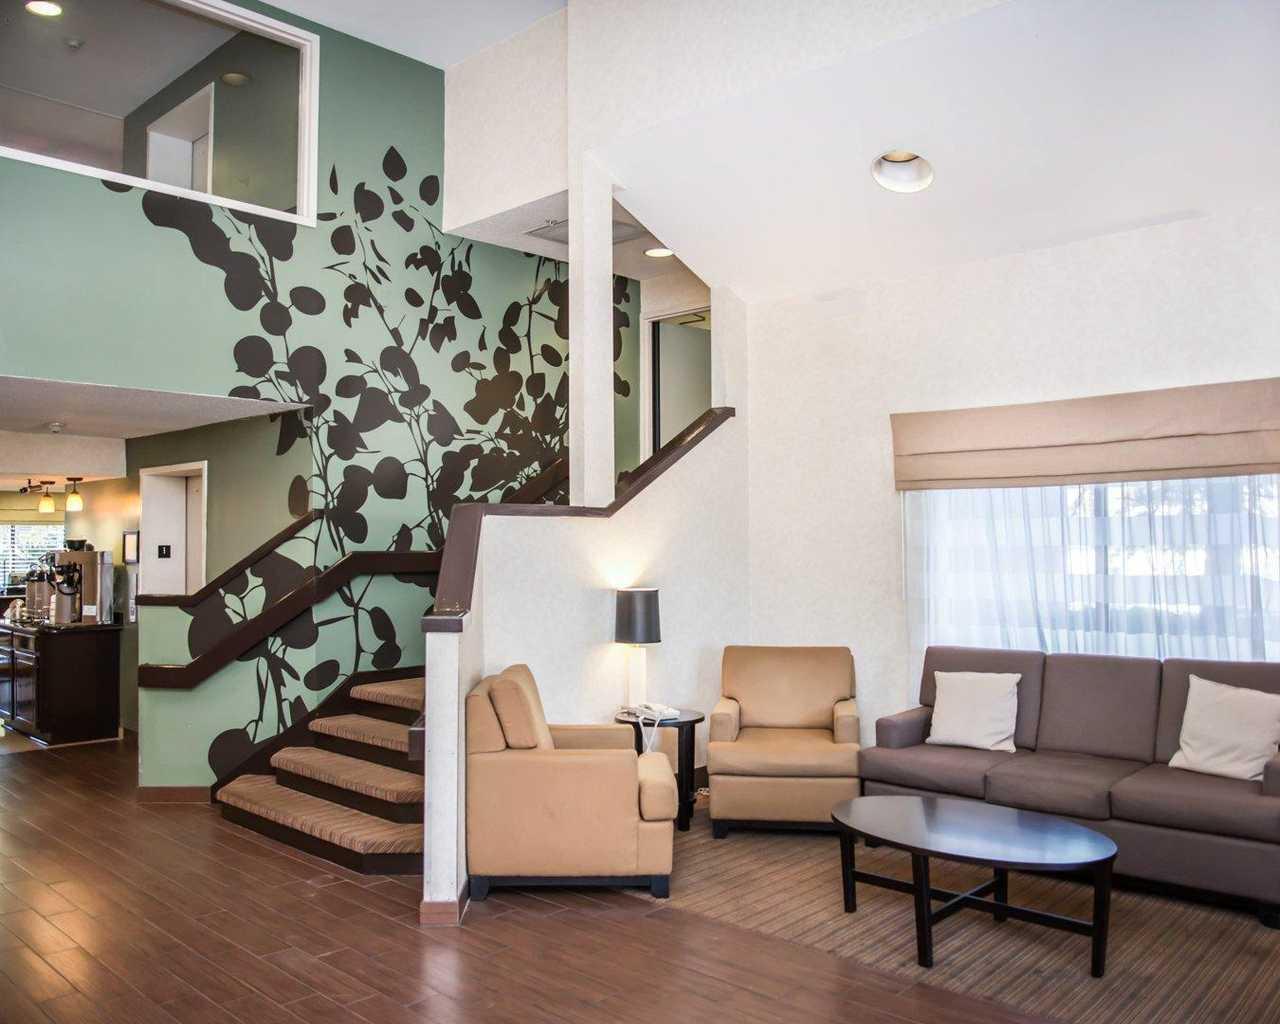 Sleep Inn University Place - Lobby-1